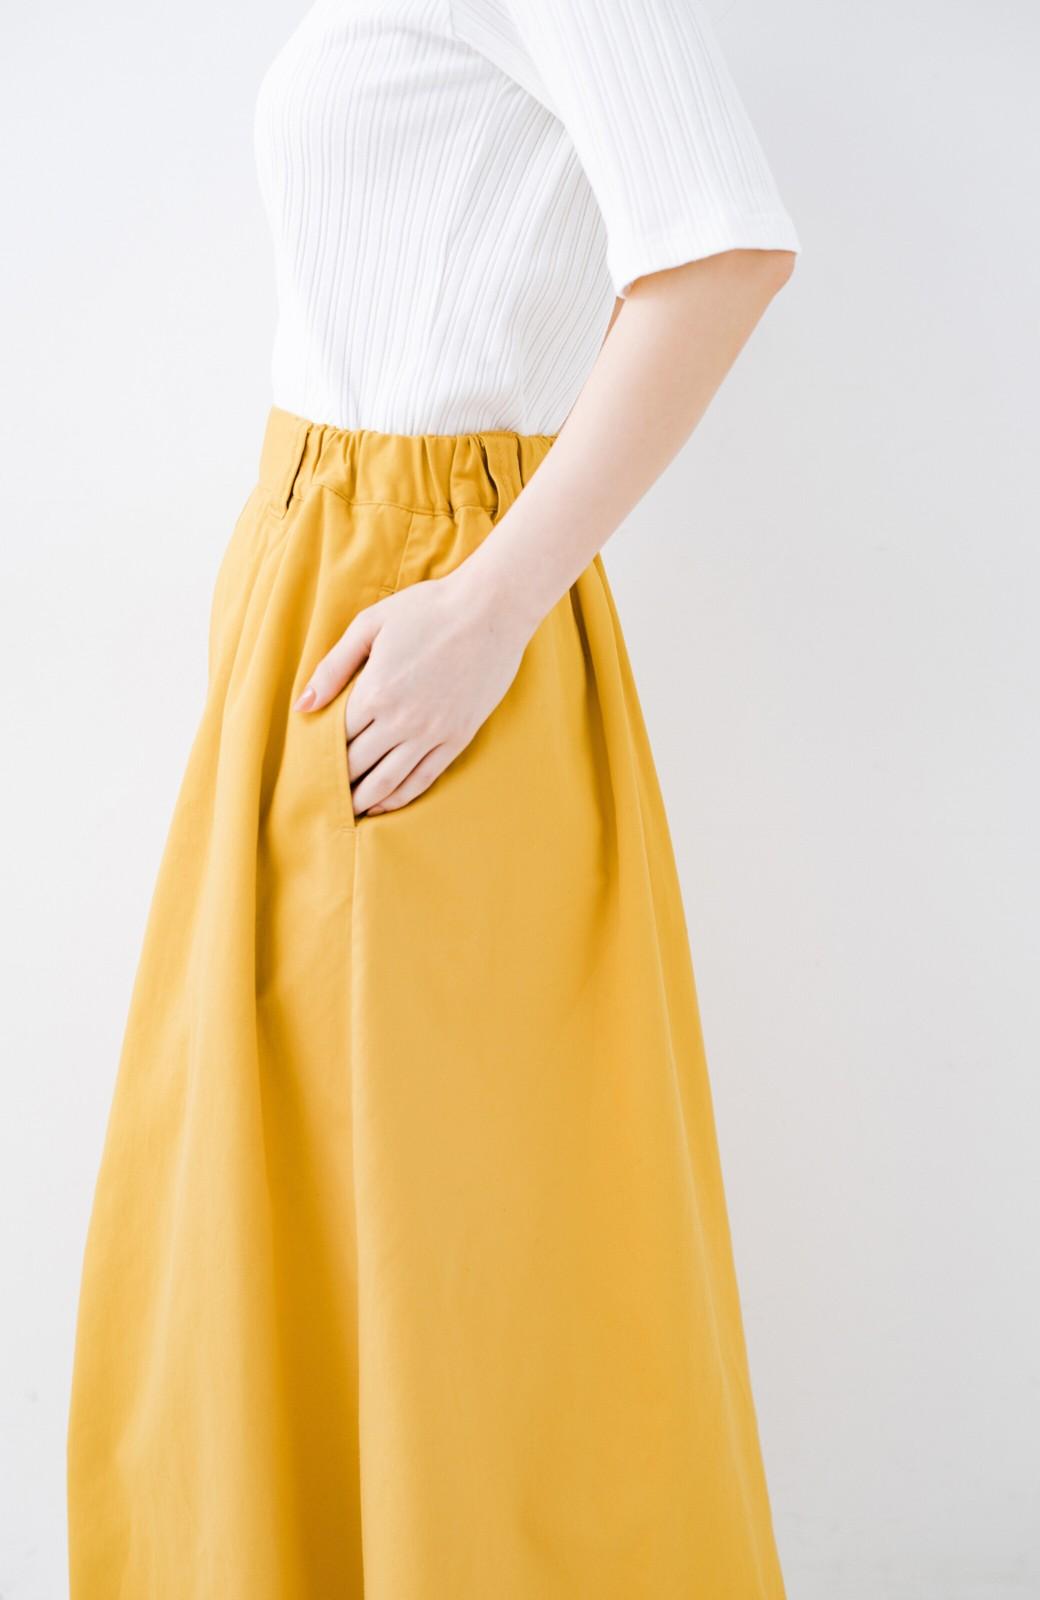 haco! ロングシーズン楽しめる タックボリュームのチノロングスカート <イエロー>の商品写真9